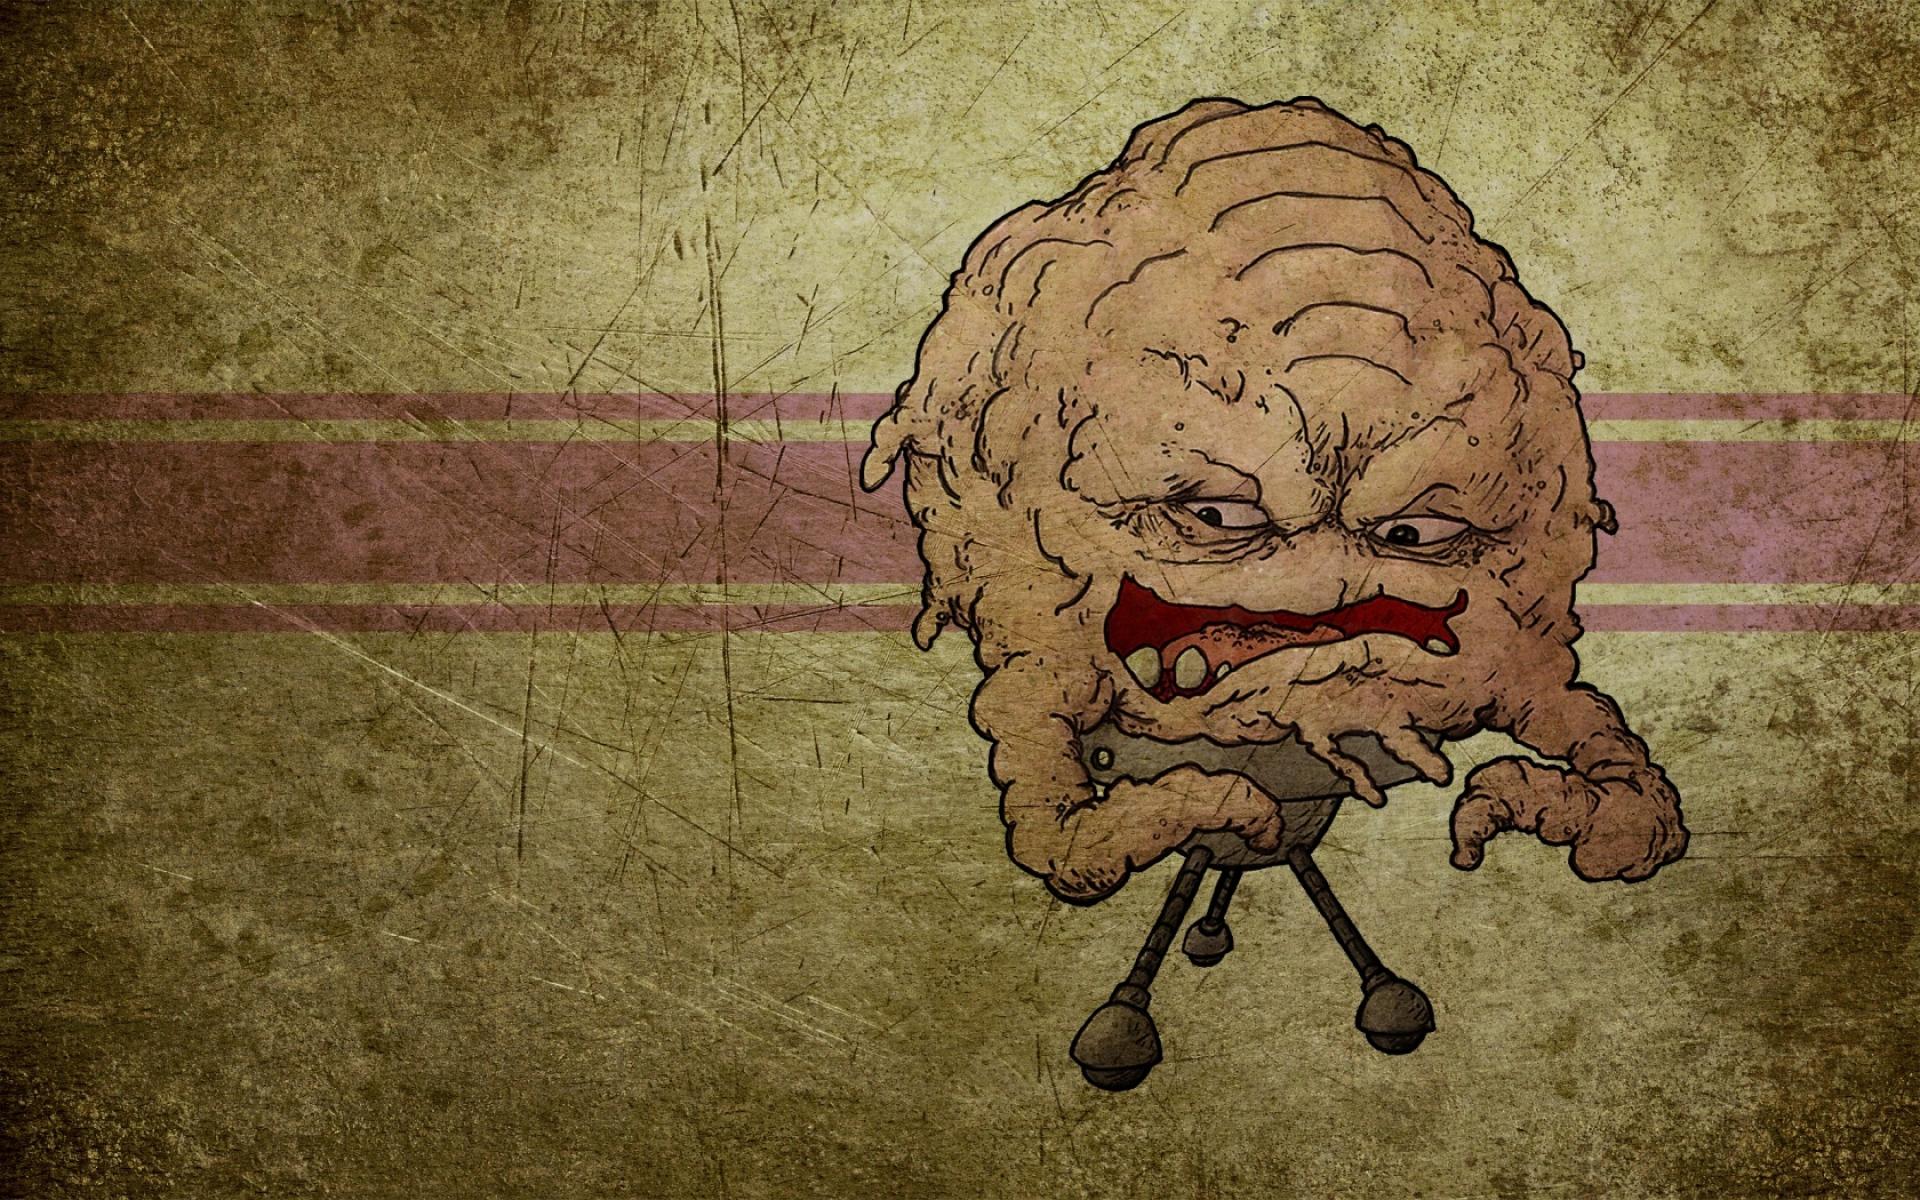 Картинки Мозг, рисунок, зло, кровь фото и обои на рабочий стол